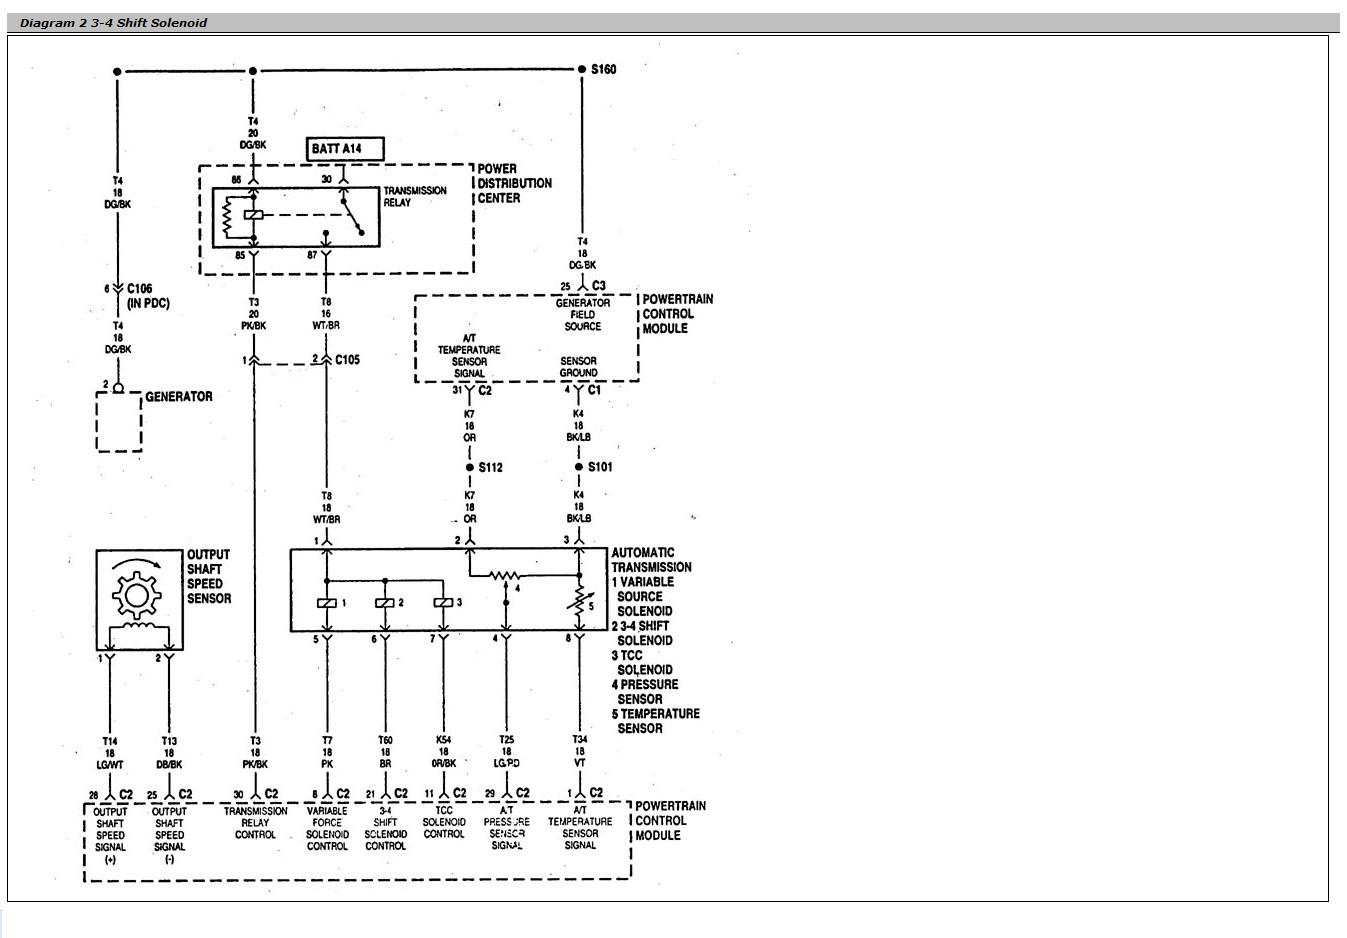 2001 dodge dakota transmission schematic wiring diagram 2000 dodge dakota wiring diagram 2001 dodge dakota electrical schematic